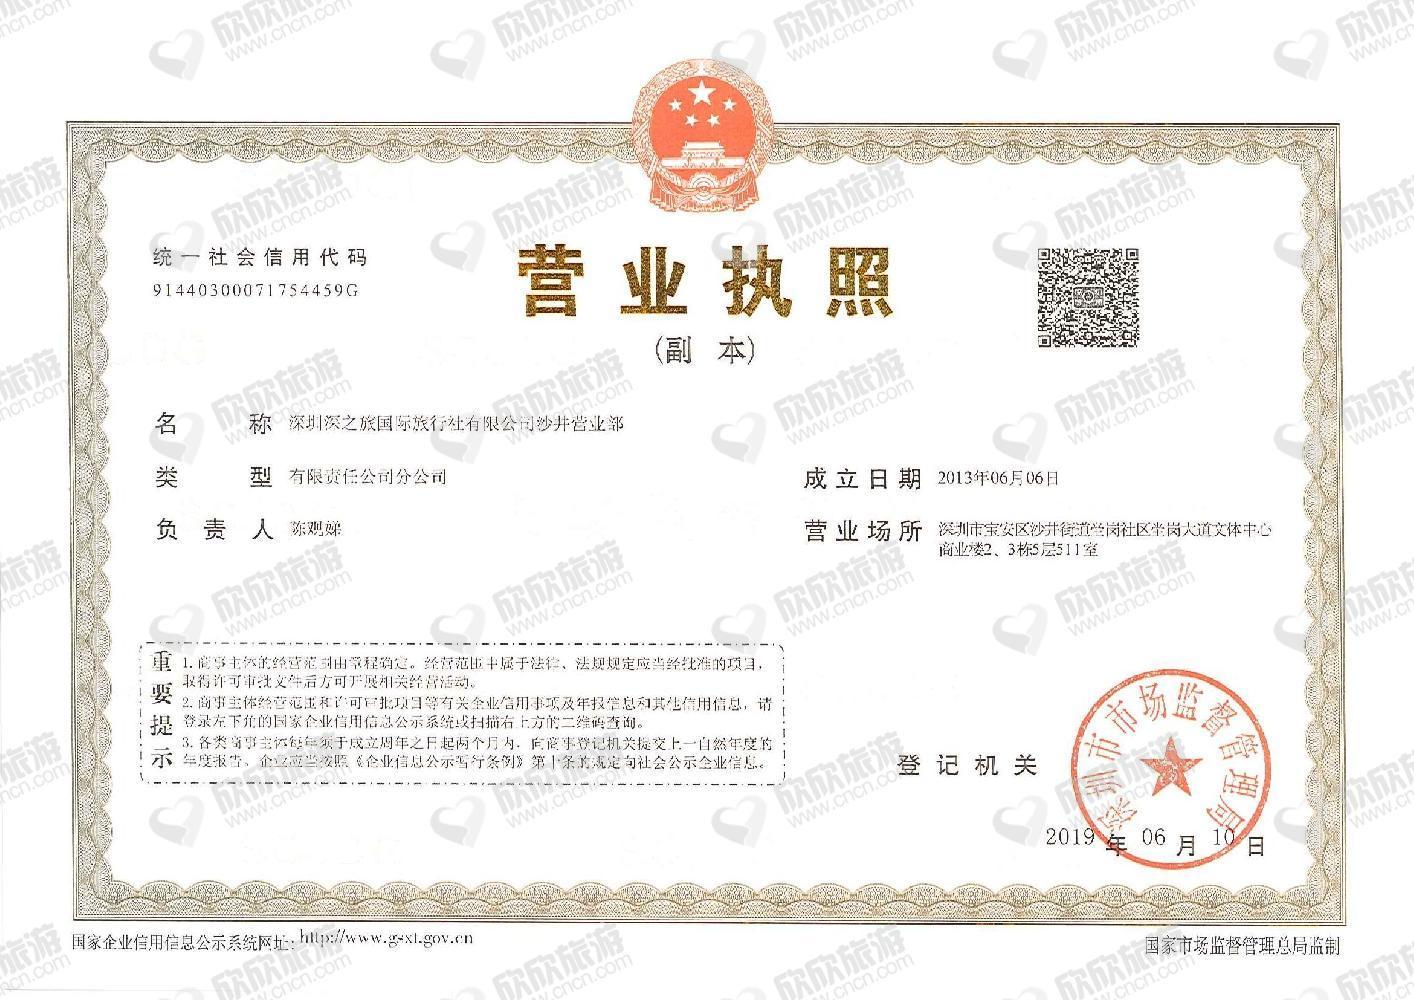 深圳深之旅国际旅行社有限公司沙井营业部营业执照